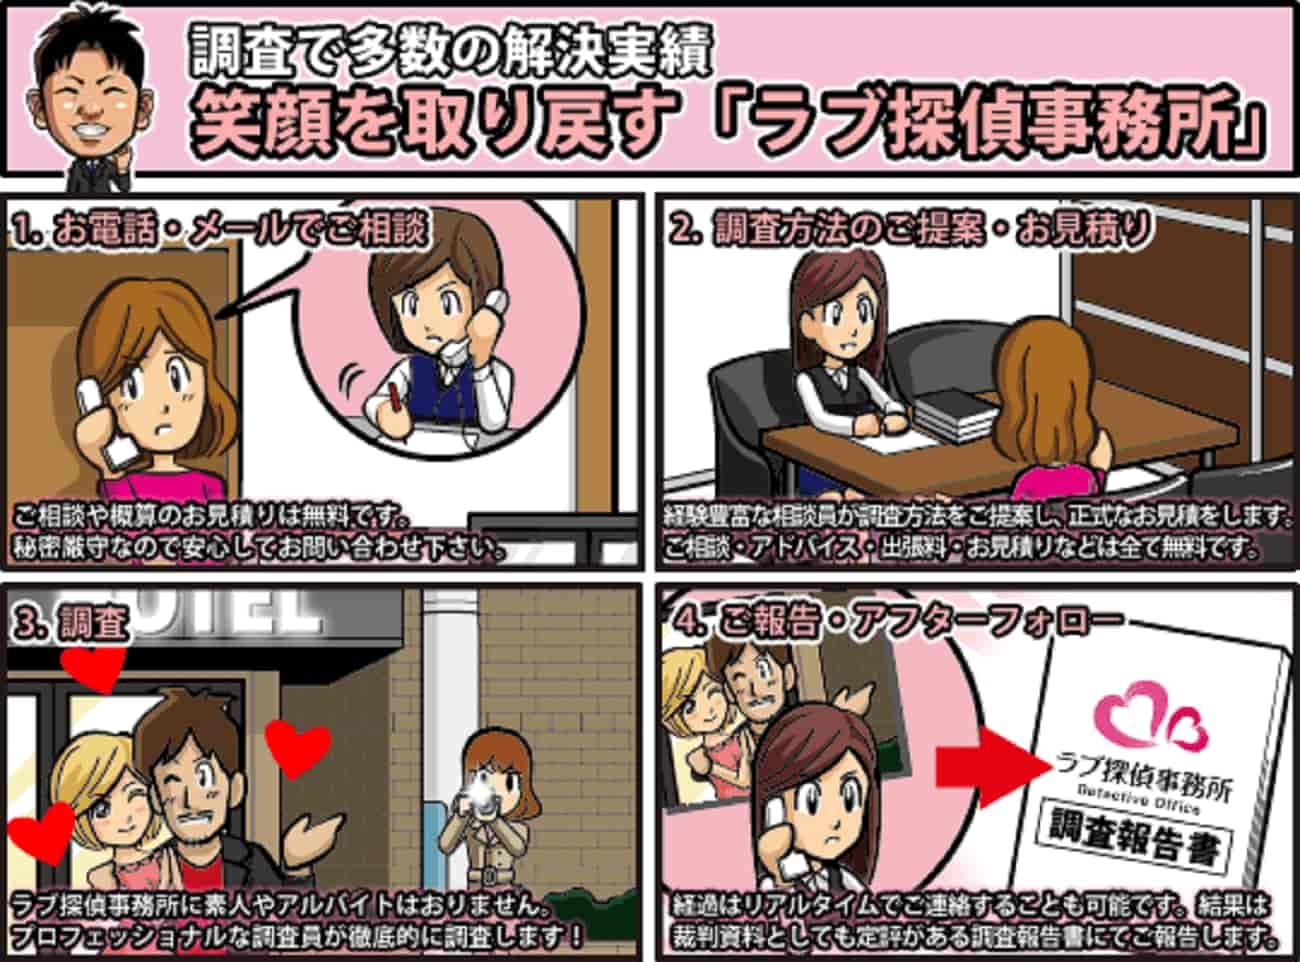 ラブ探偵事務所は千葉県松戸市の相談お見積り無料